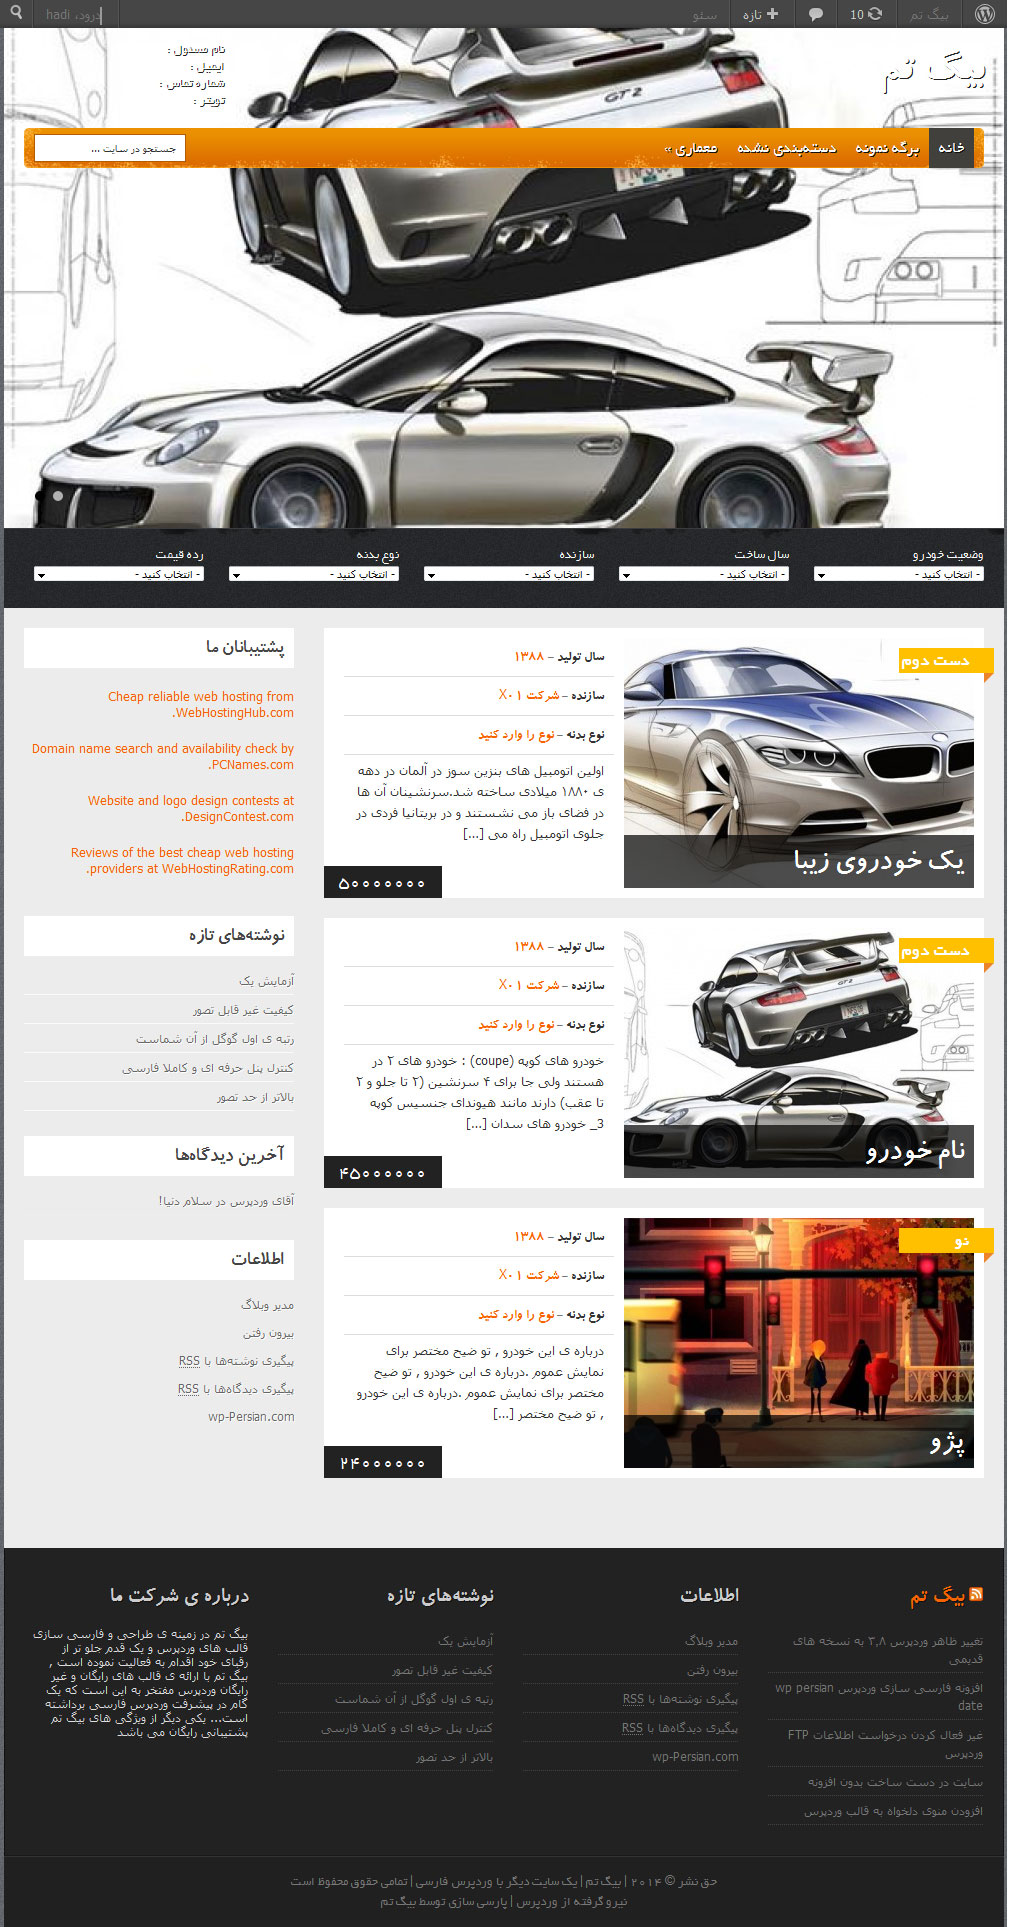 قالب فارسی وردپرس Gears خودرو